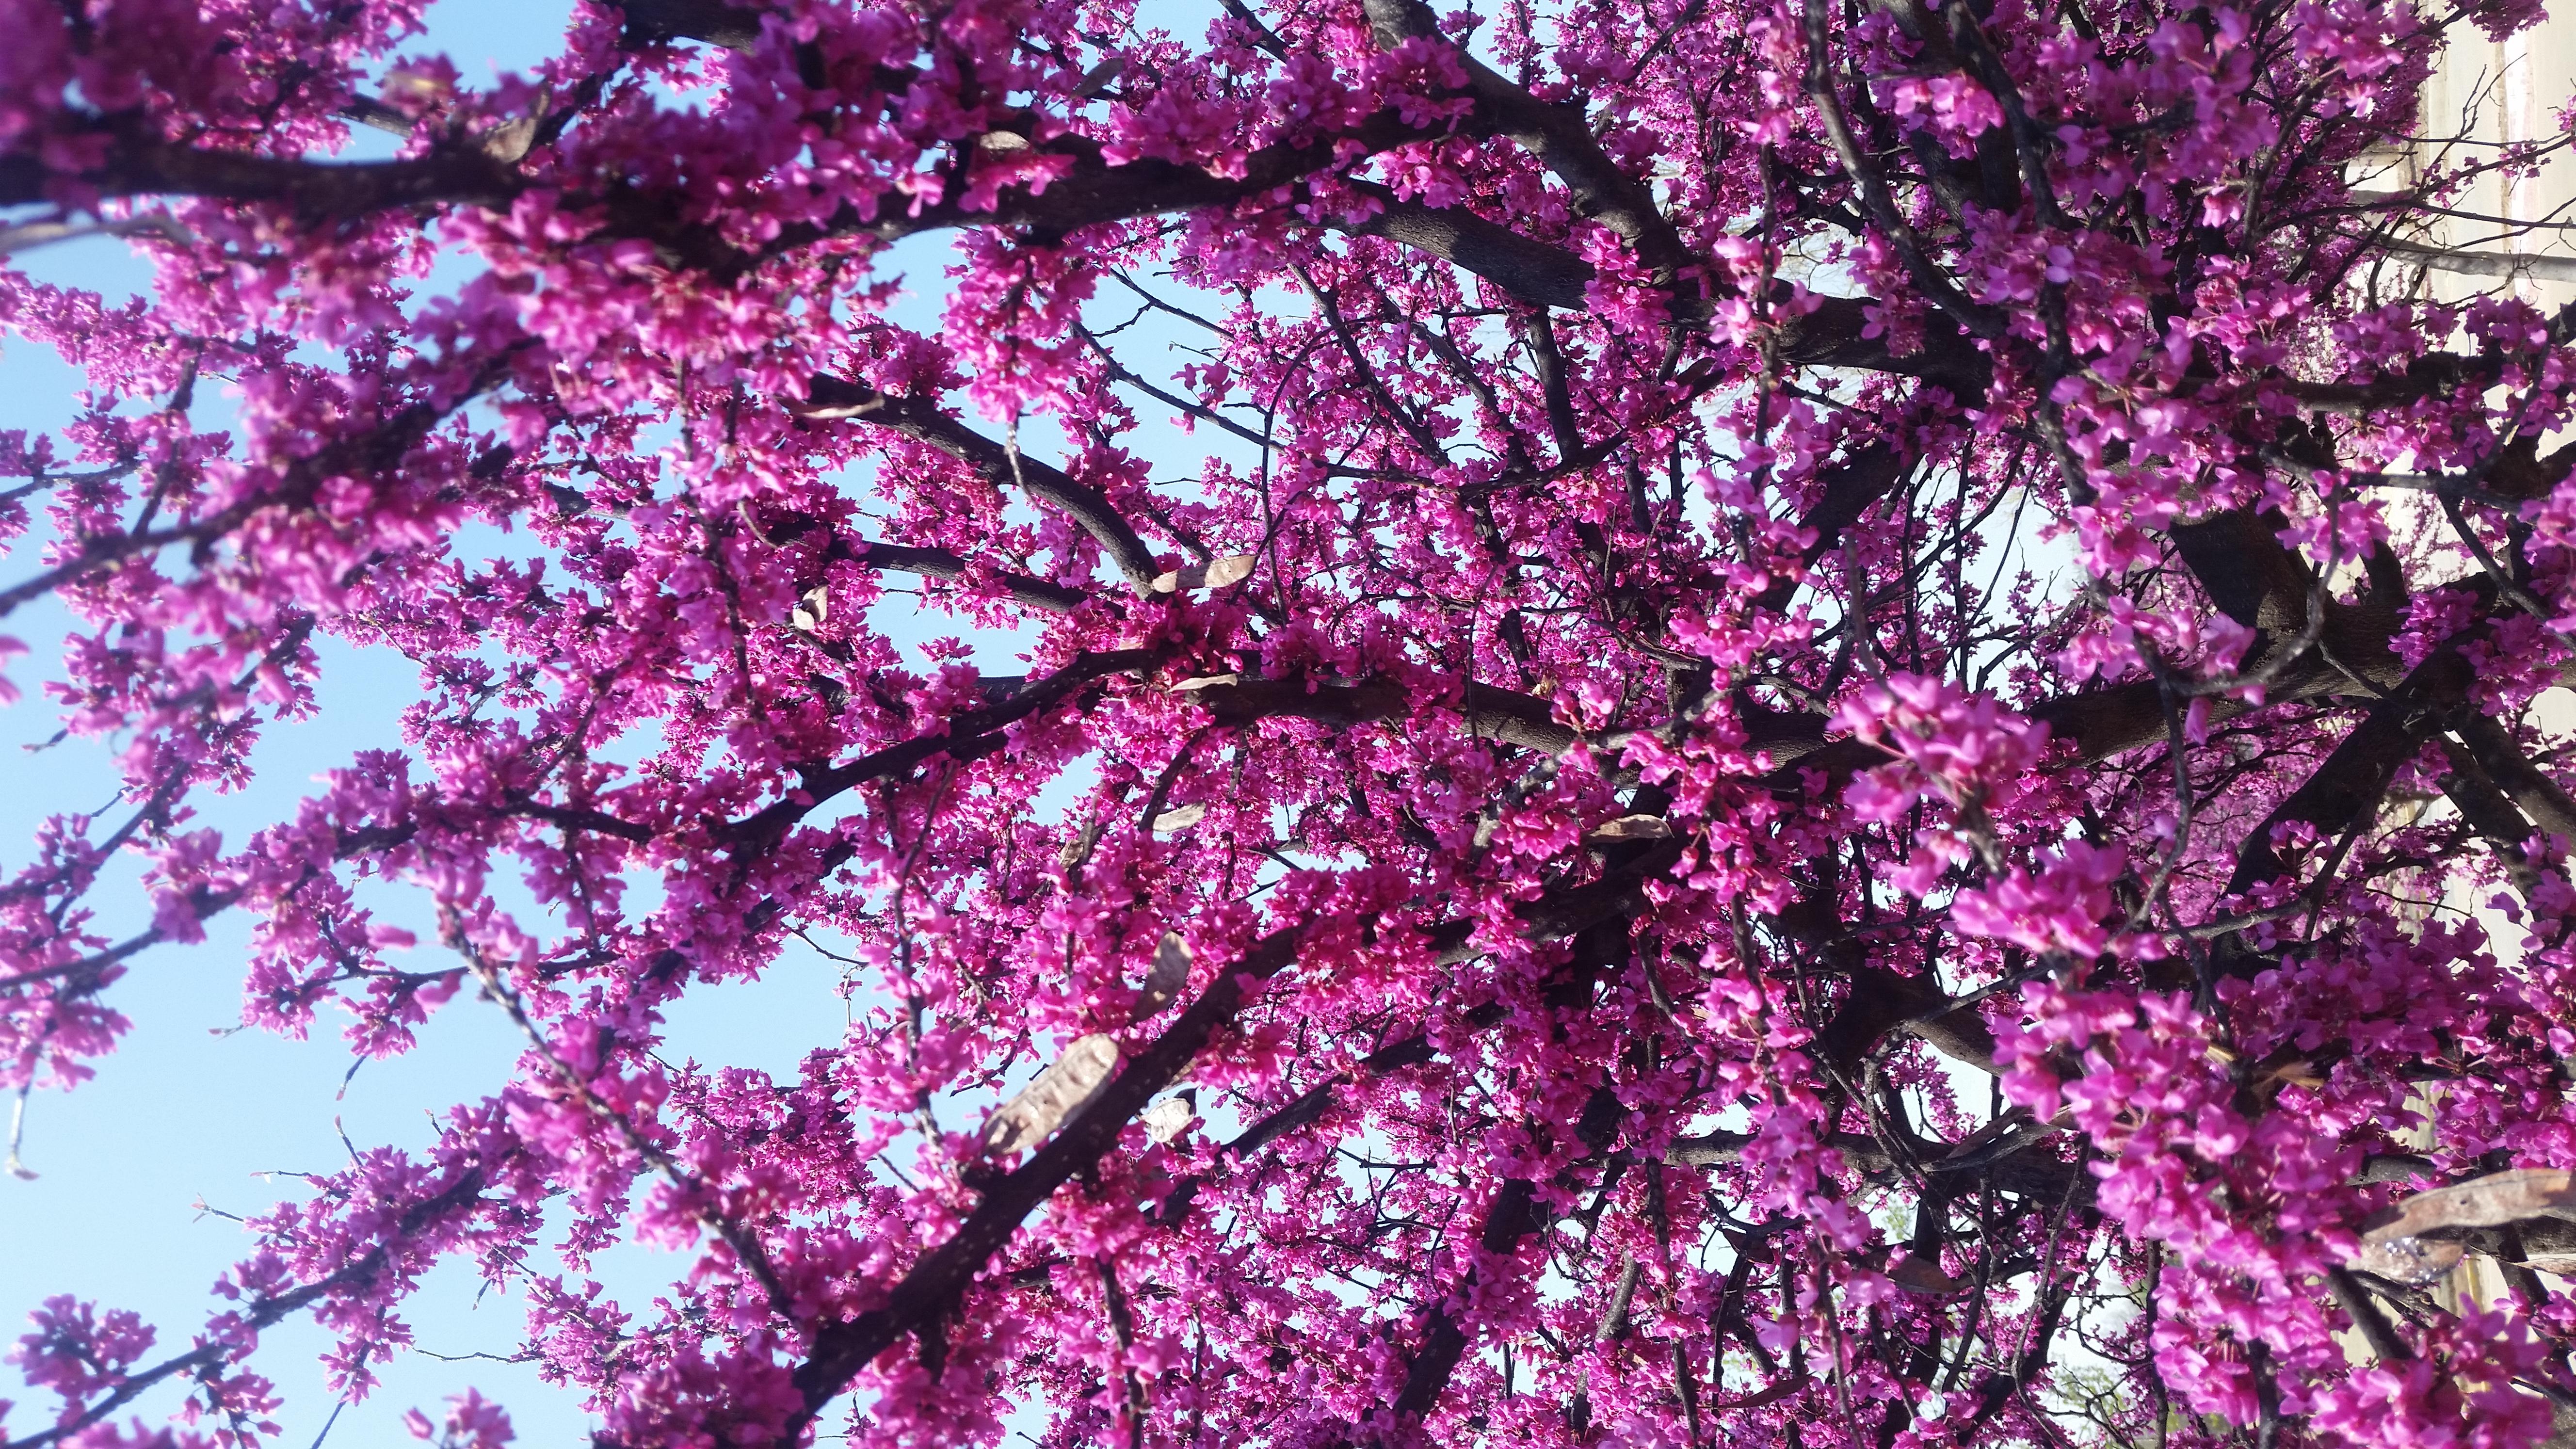 images gratuites : rose, violet, arbre, branche, printemps, plante